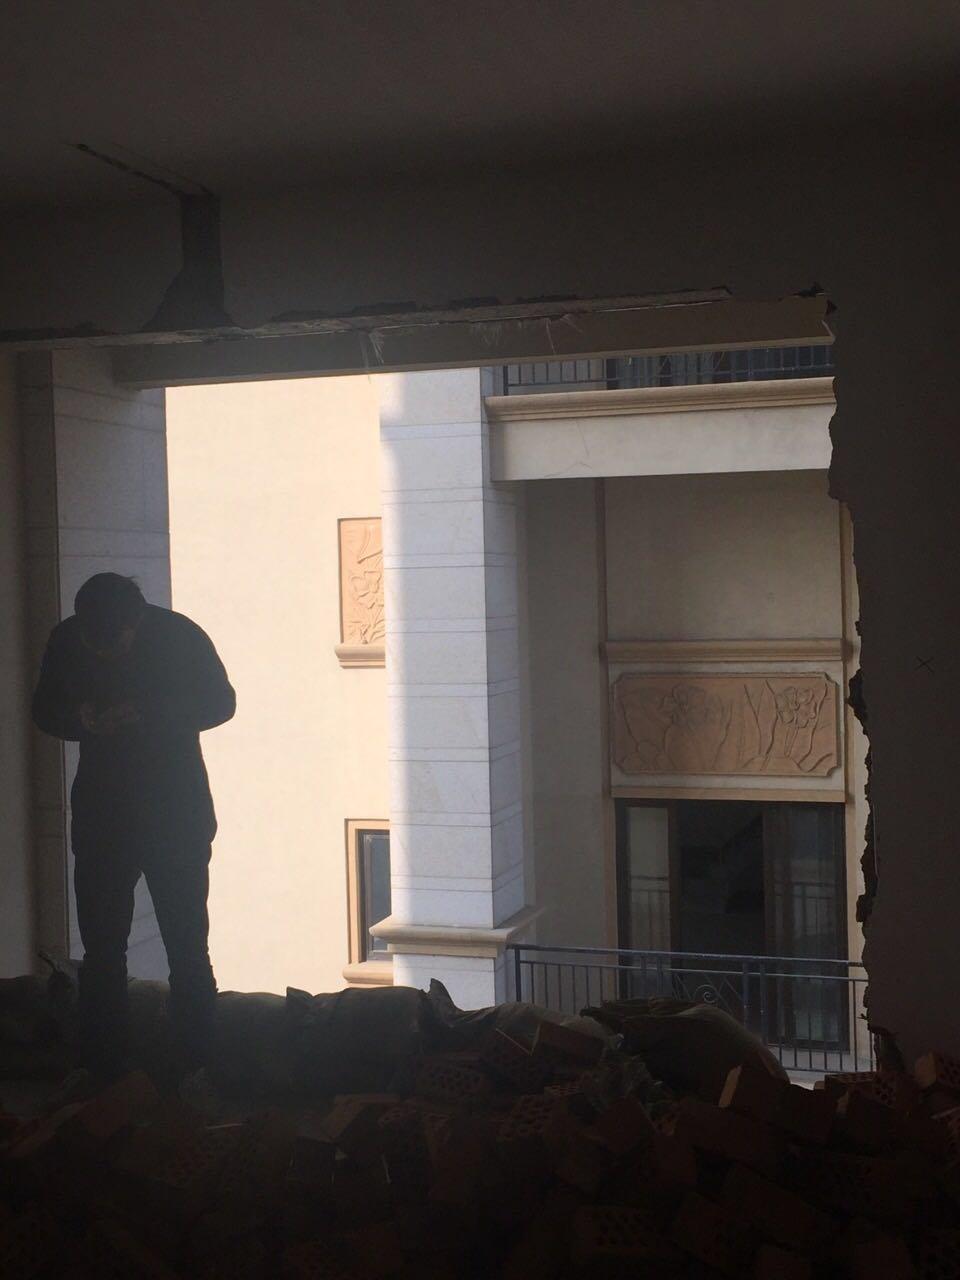 万科三楼v实景实景美式别墅2016年春开工【无别墅城四楼风格北部图片